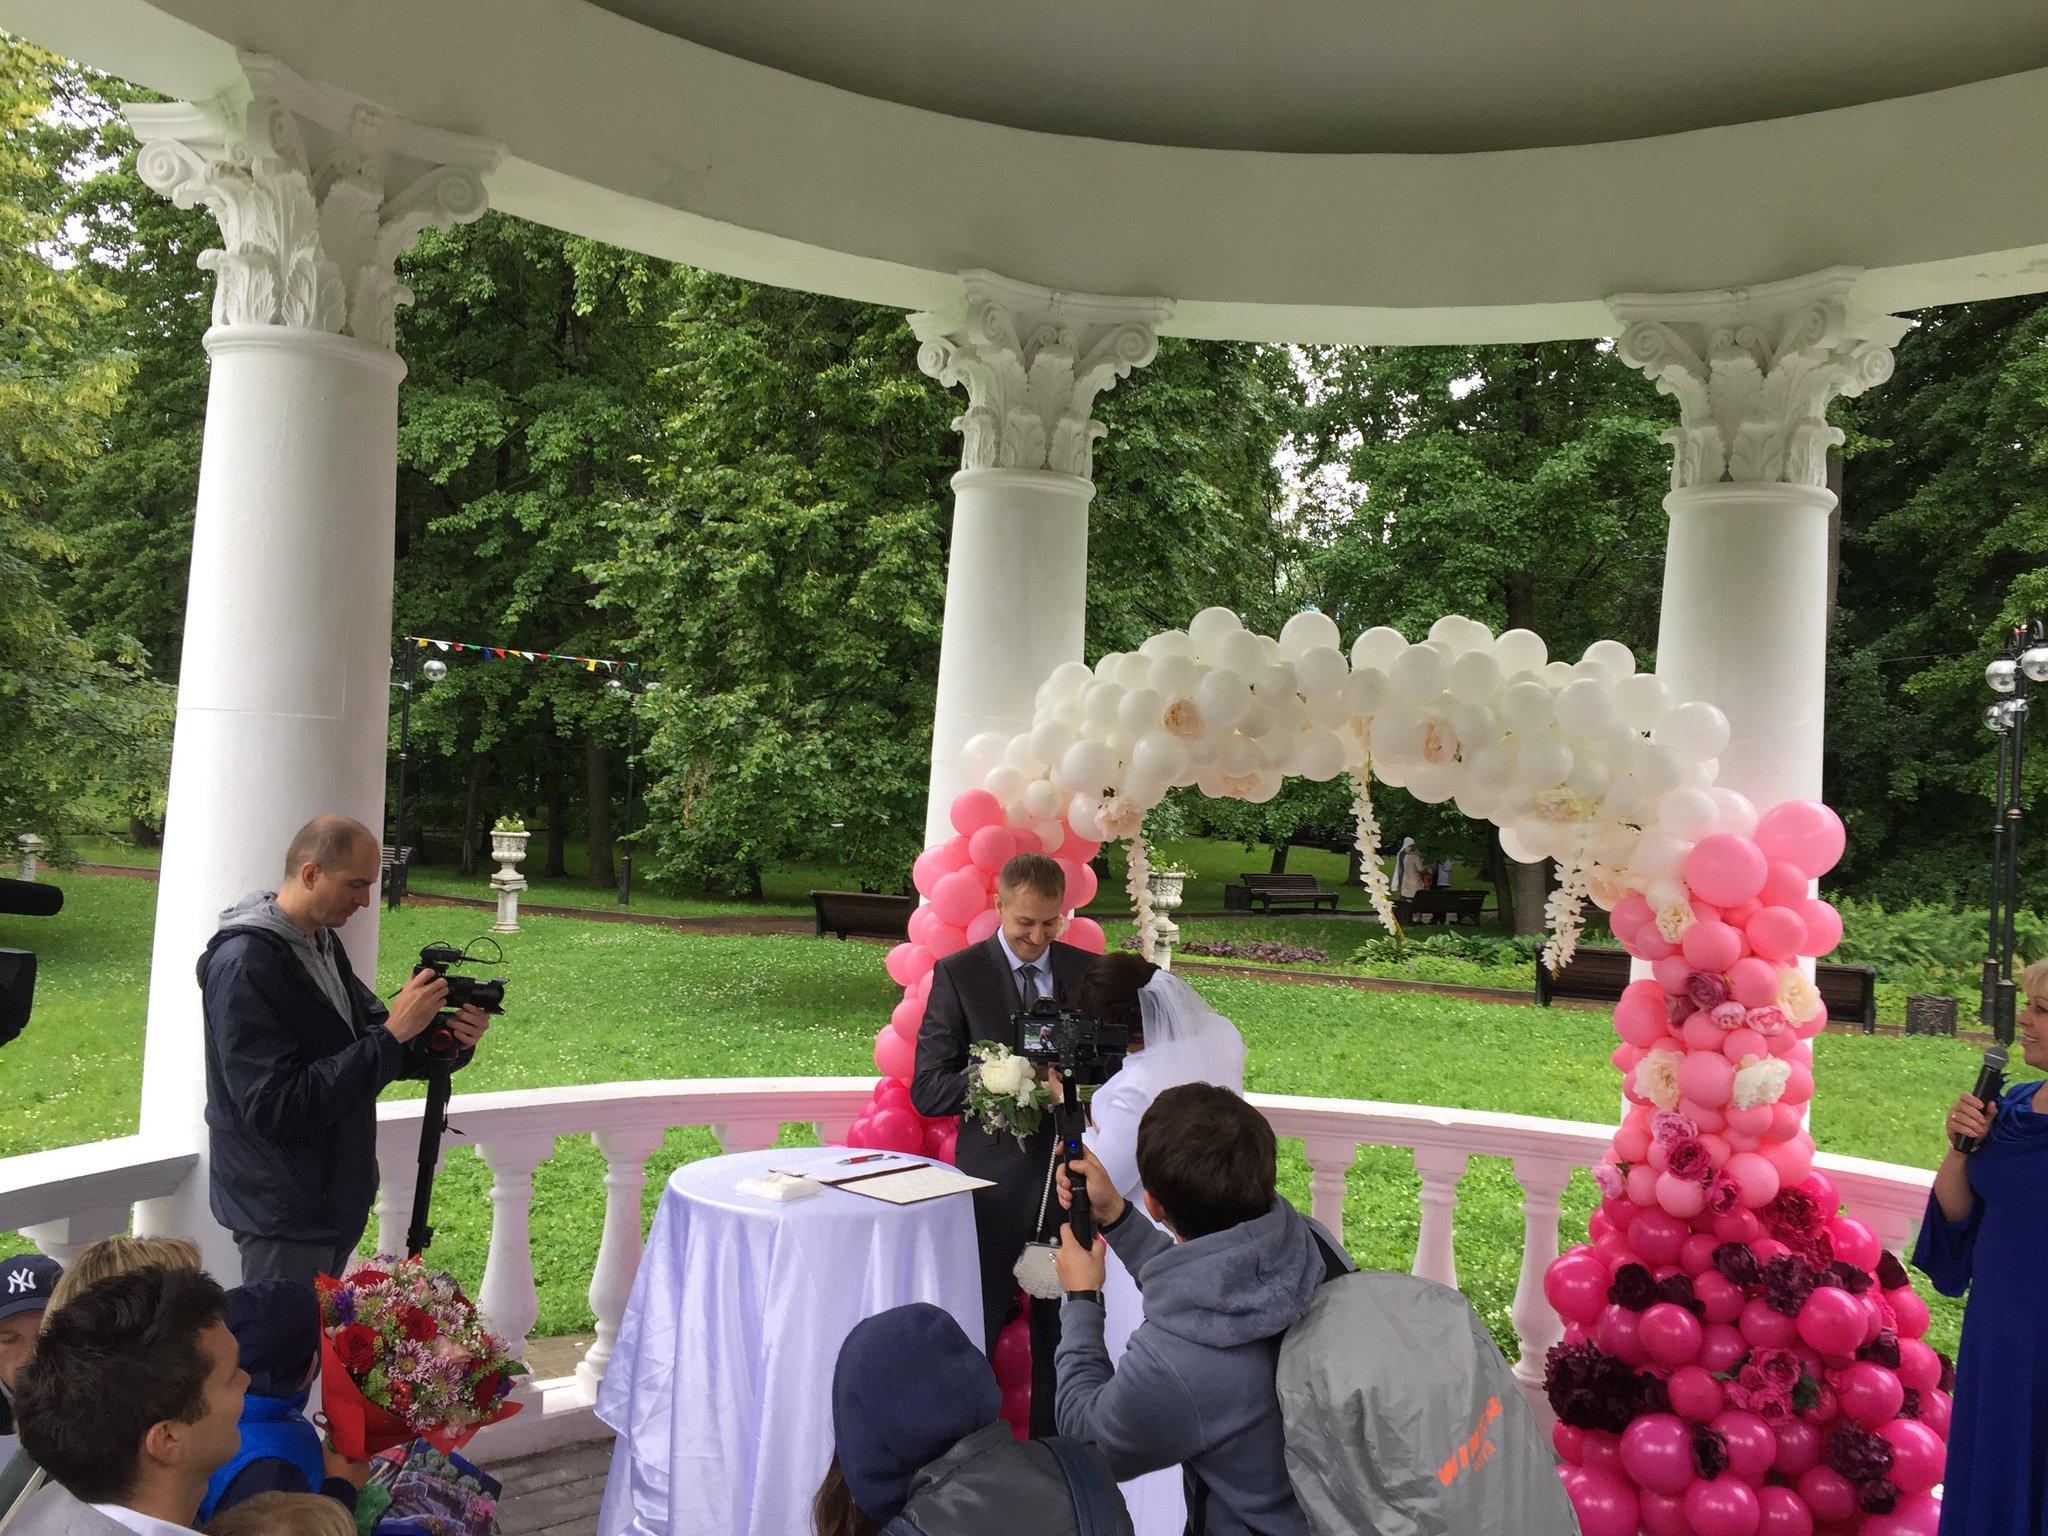 его екатерининский парк москва свадебное фото какие организации